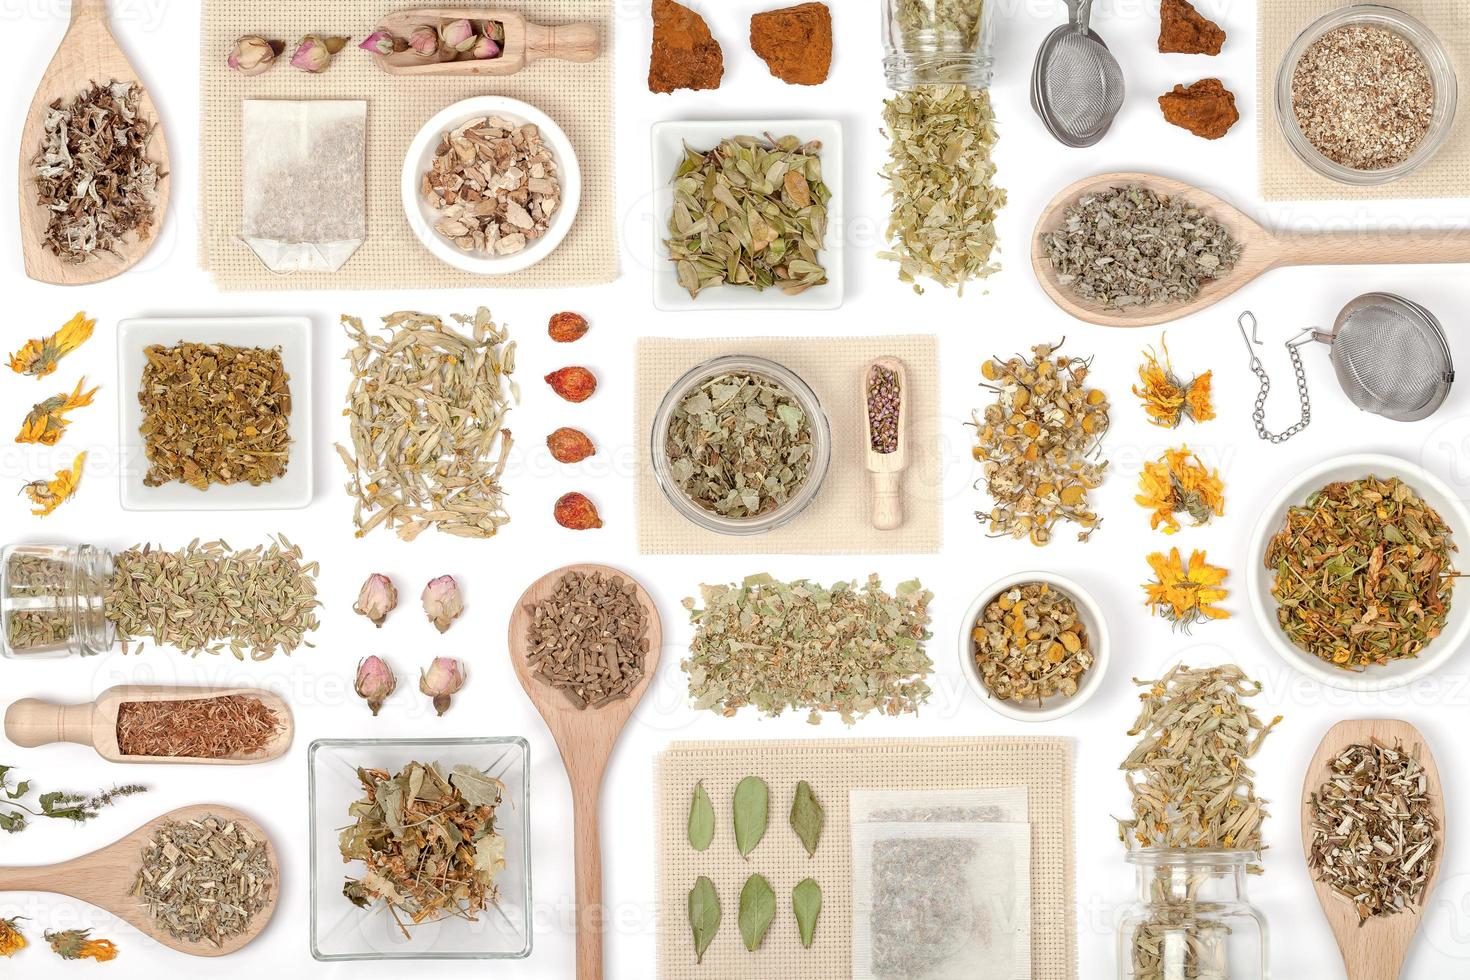 té de hierbas sobre fondo blanco foto